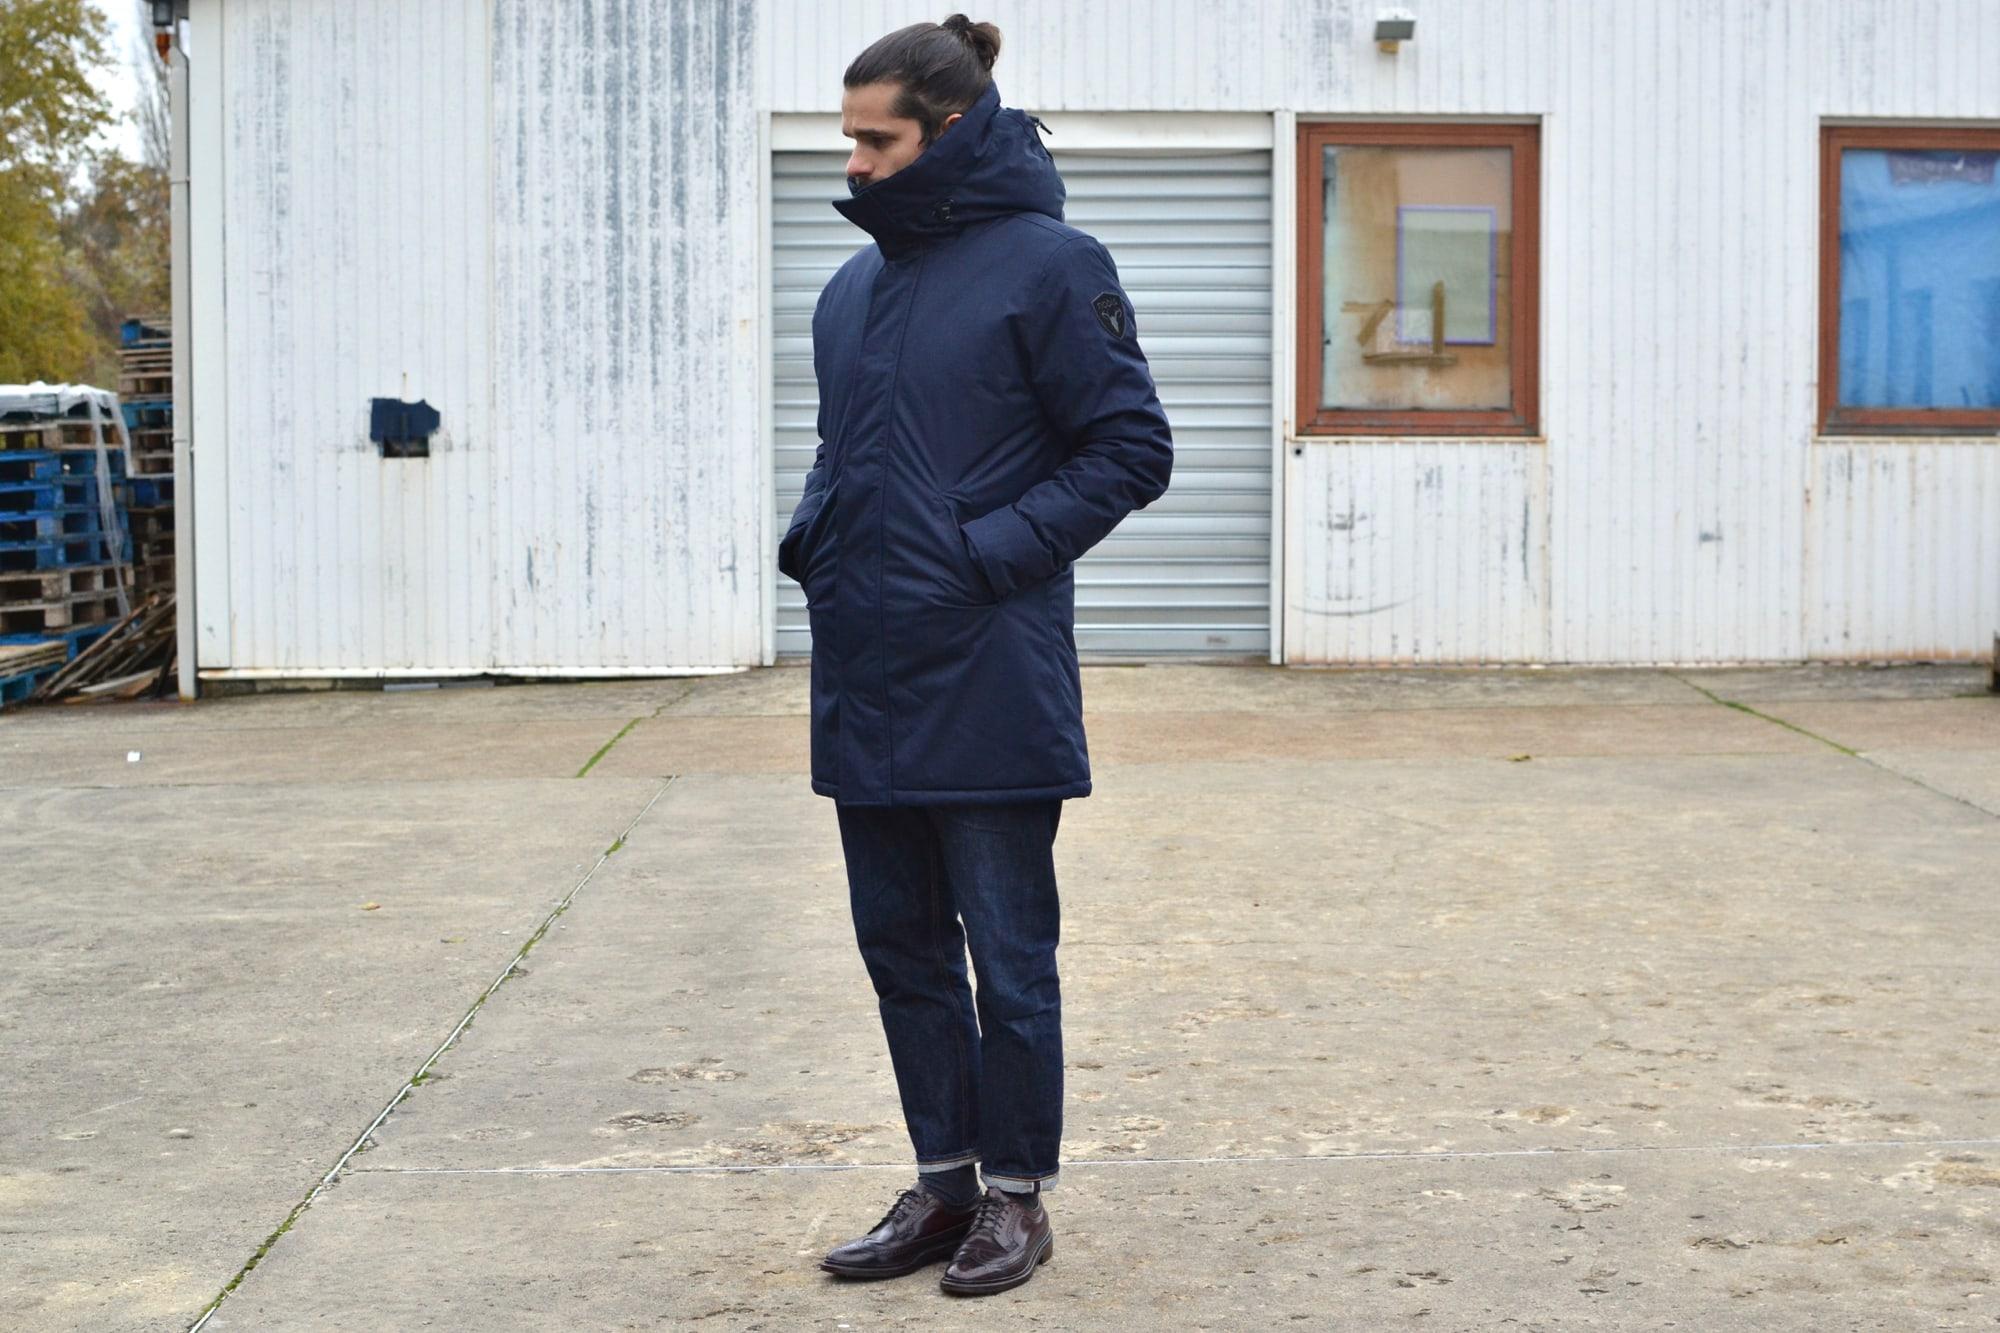 idée de style avec la parka Nobis modèle Pierre